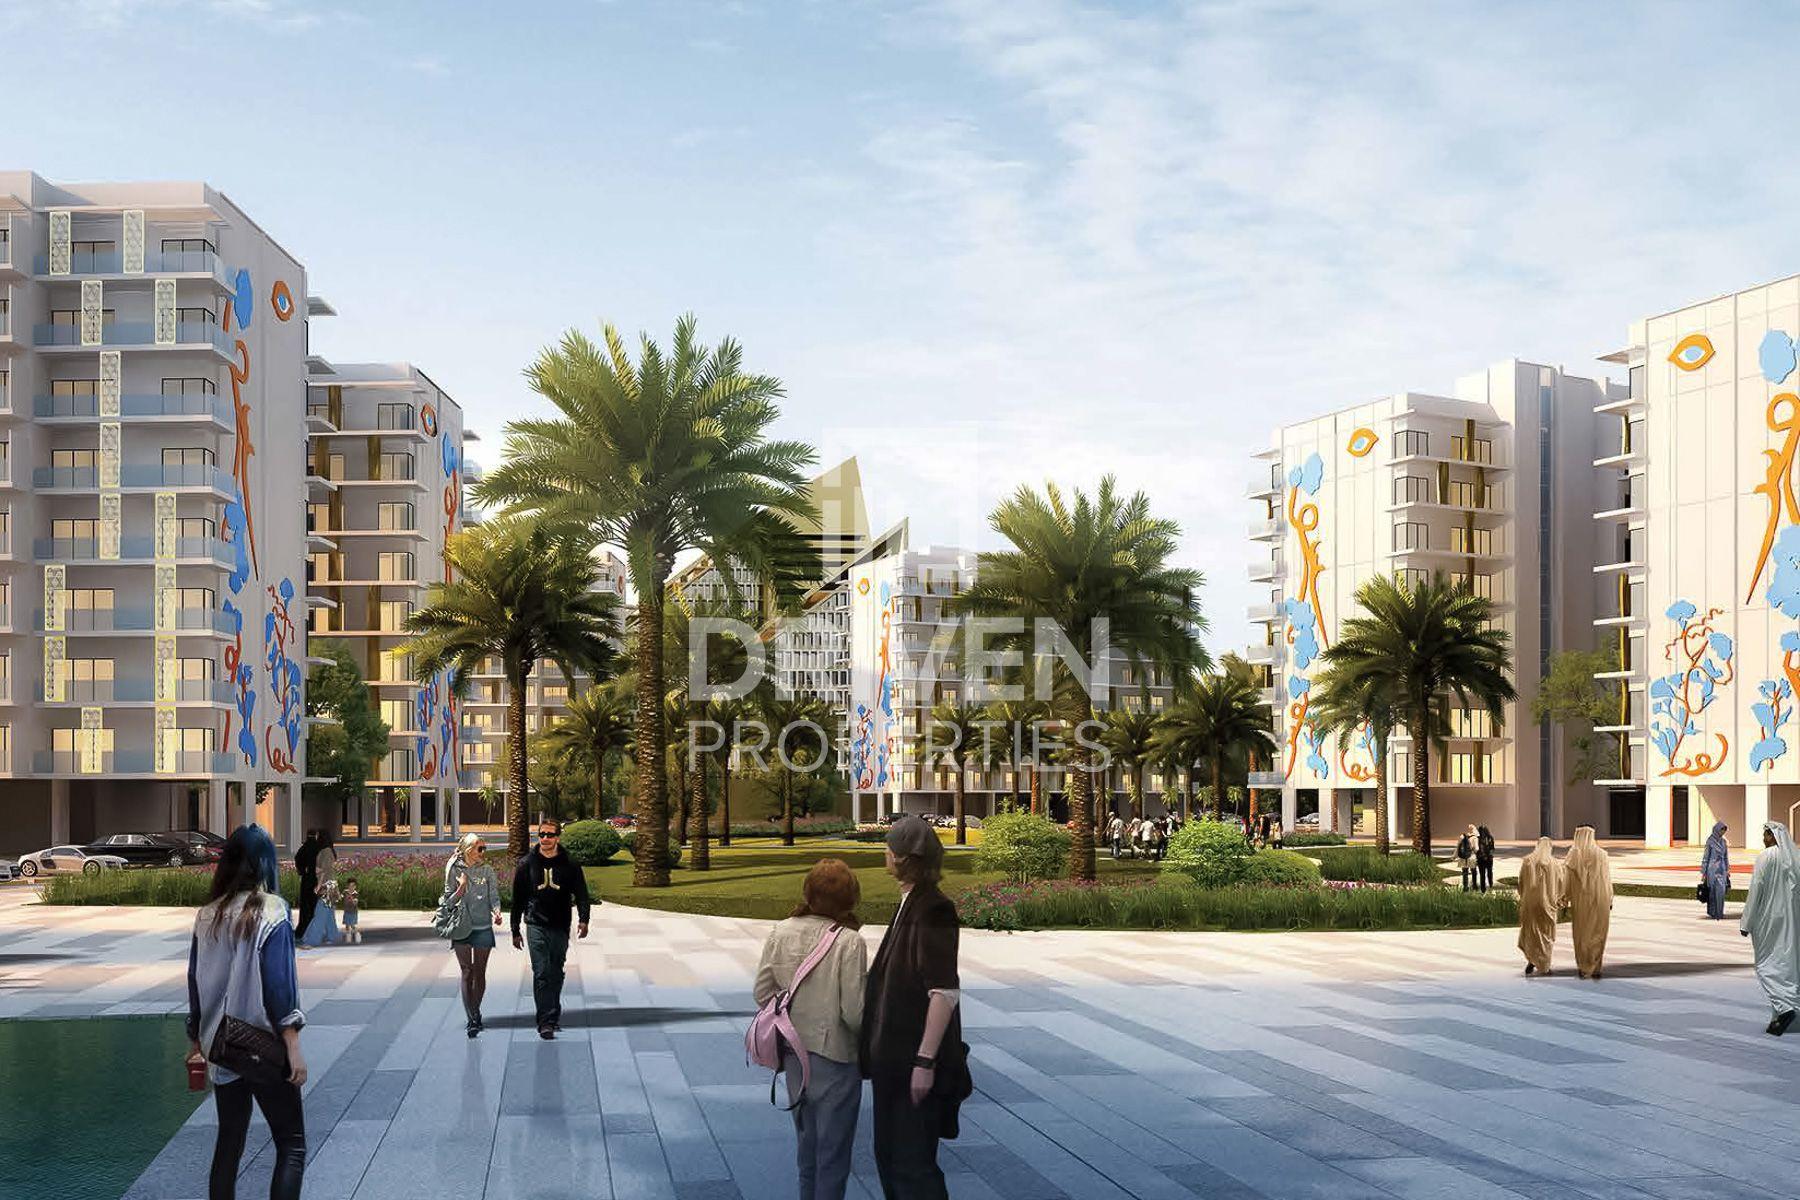 300 قدم مربع  ستوديو - للبيع - مدينة الشيخ محمد بن راشد